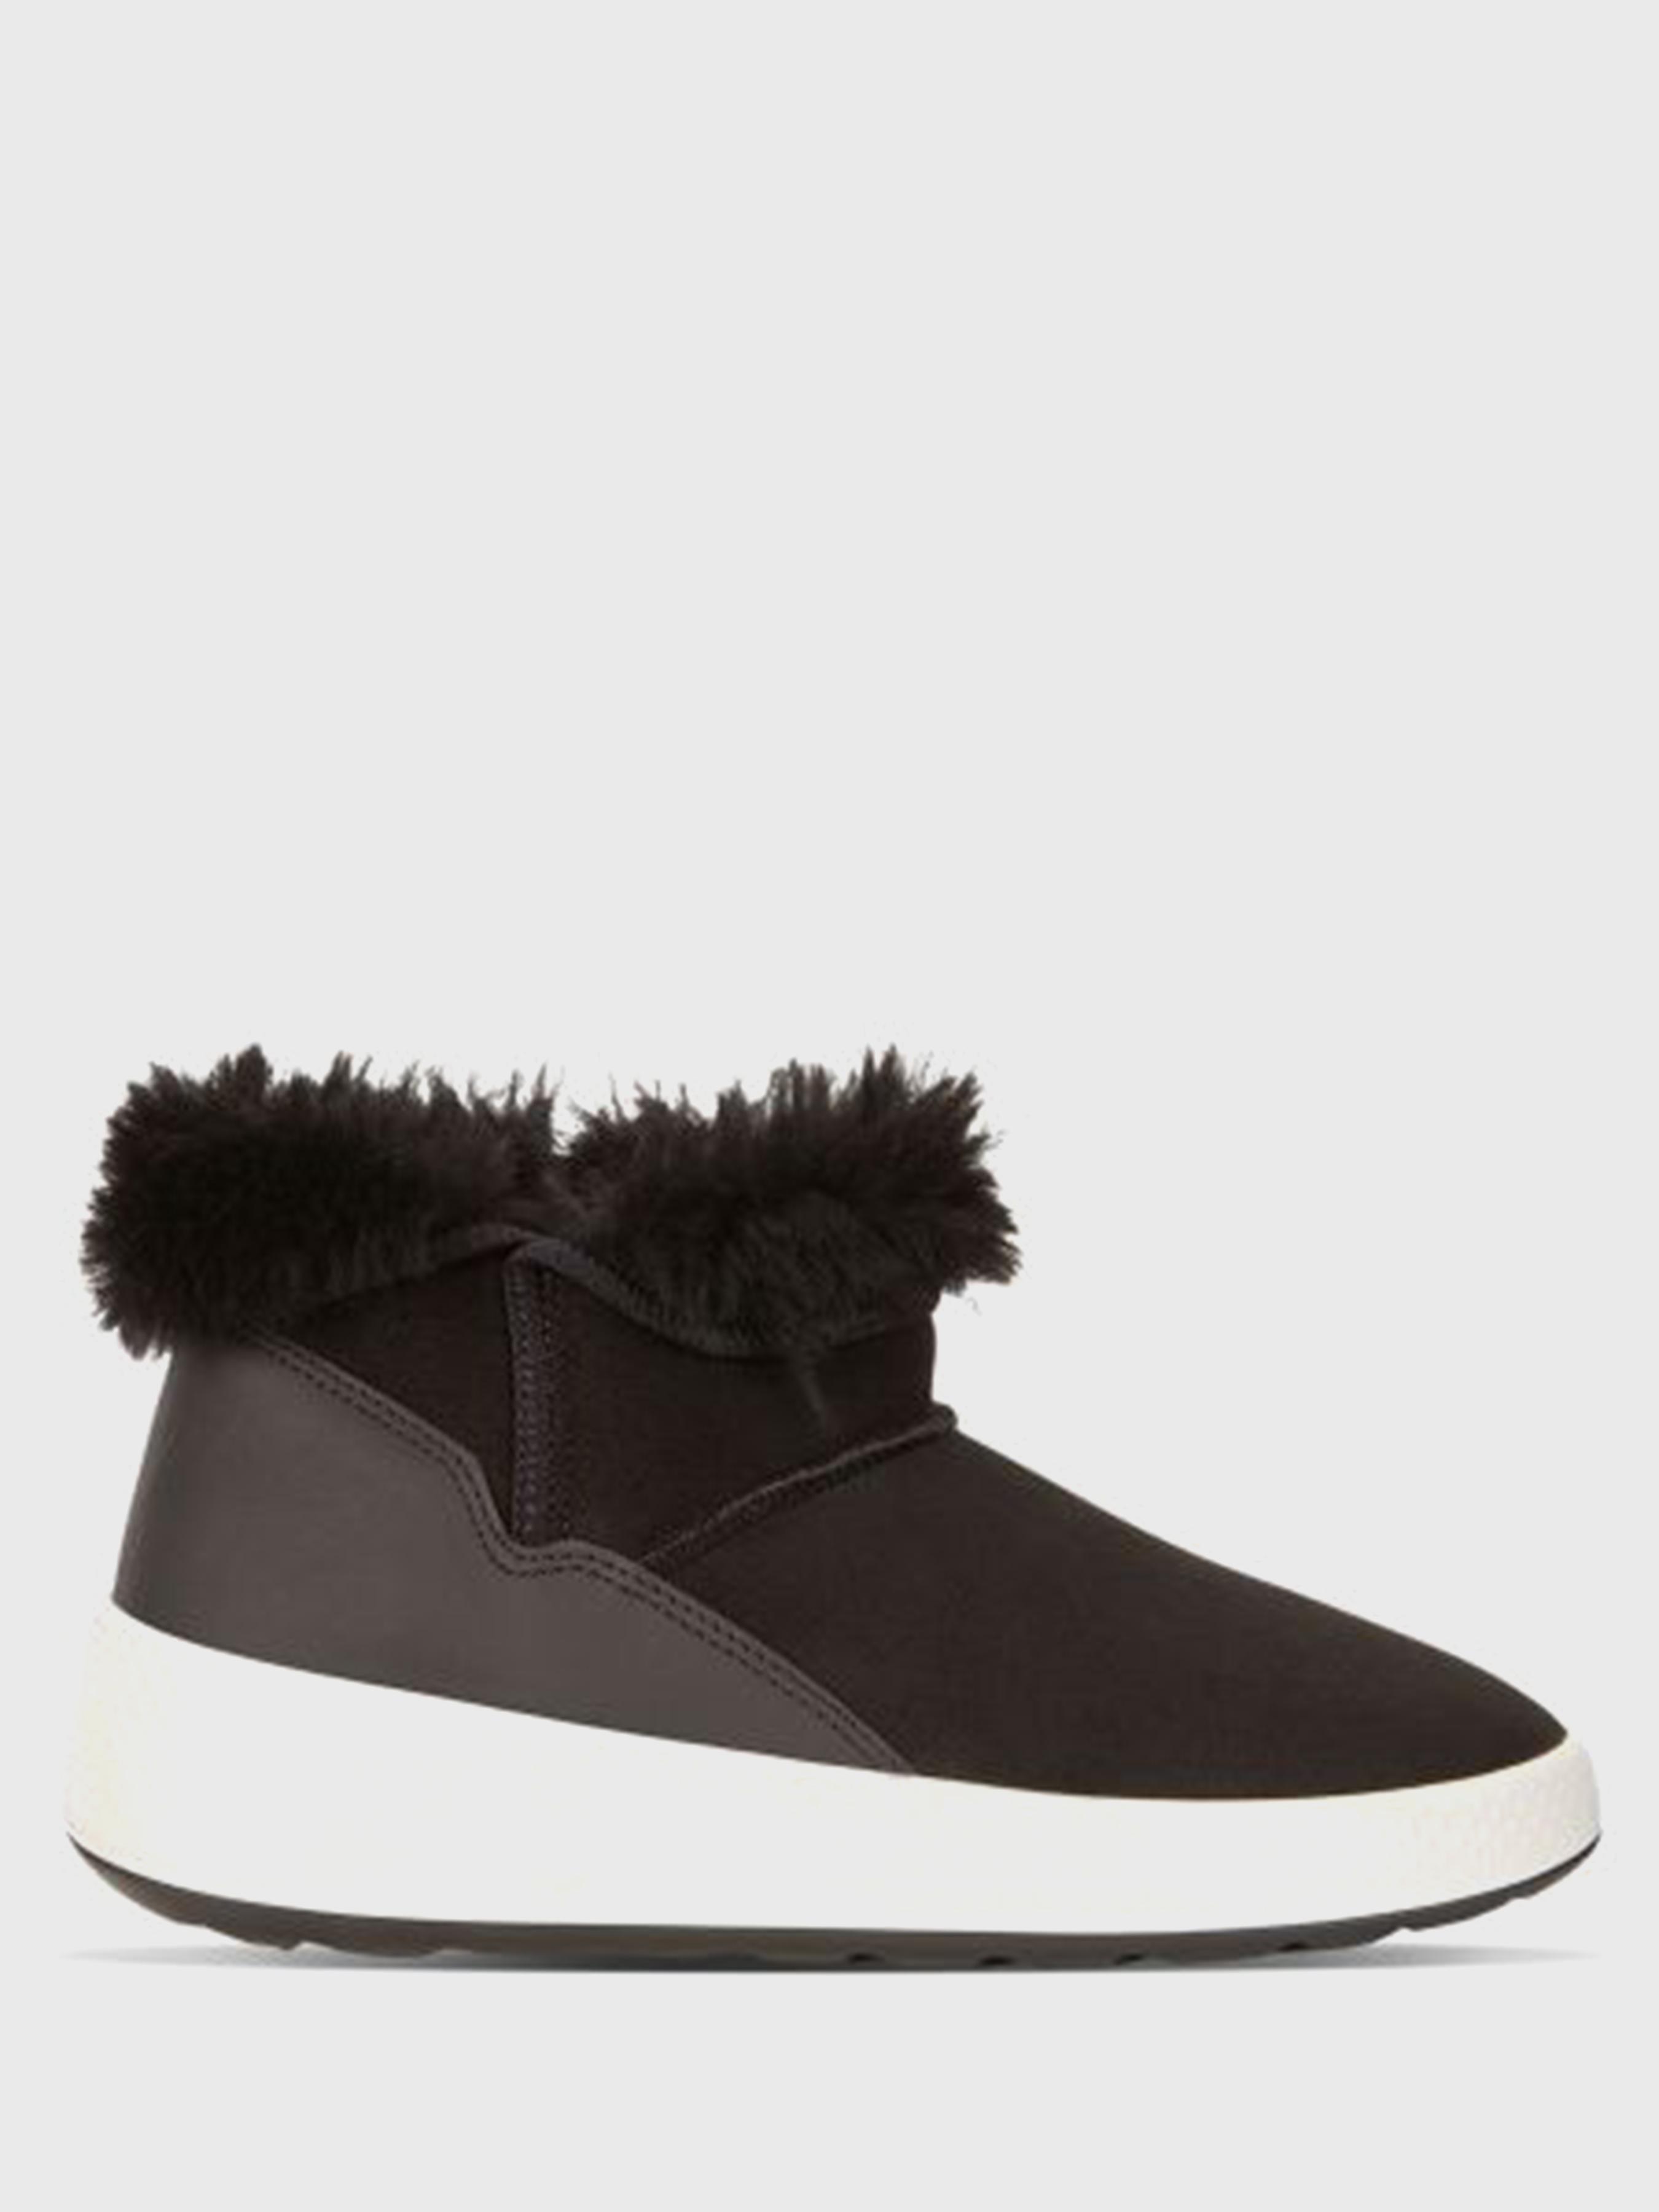 жіночі черевики ecco ukiuk 221013(51707) шкіряні